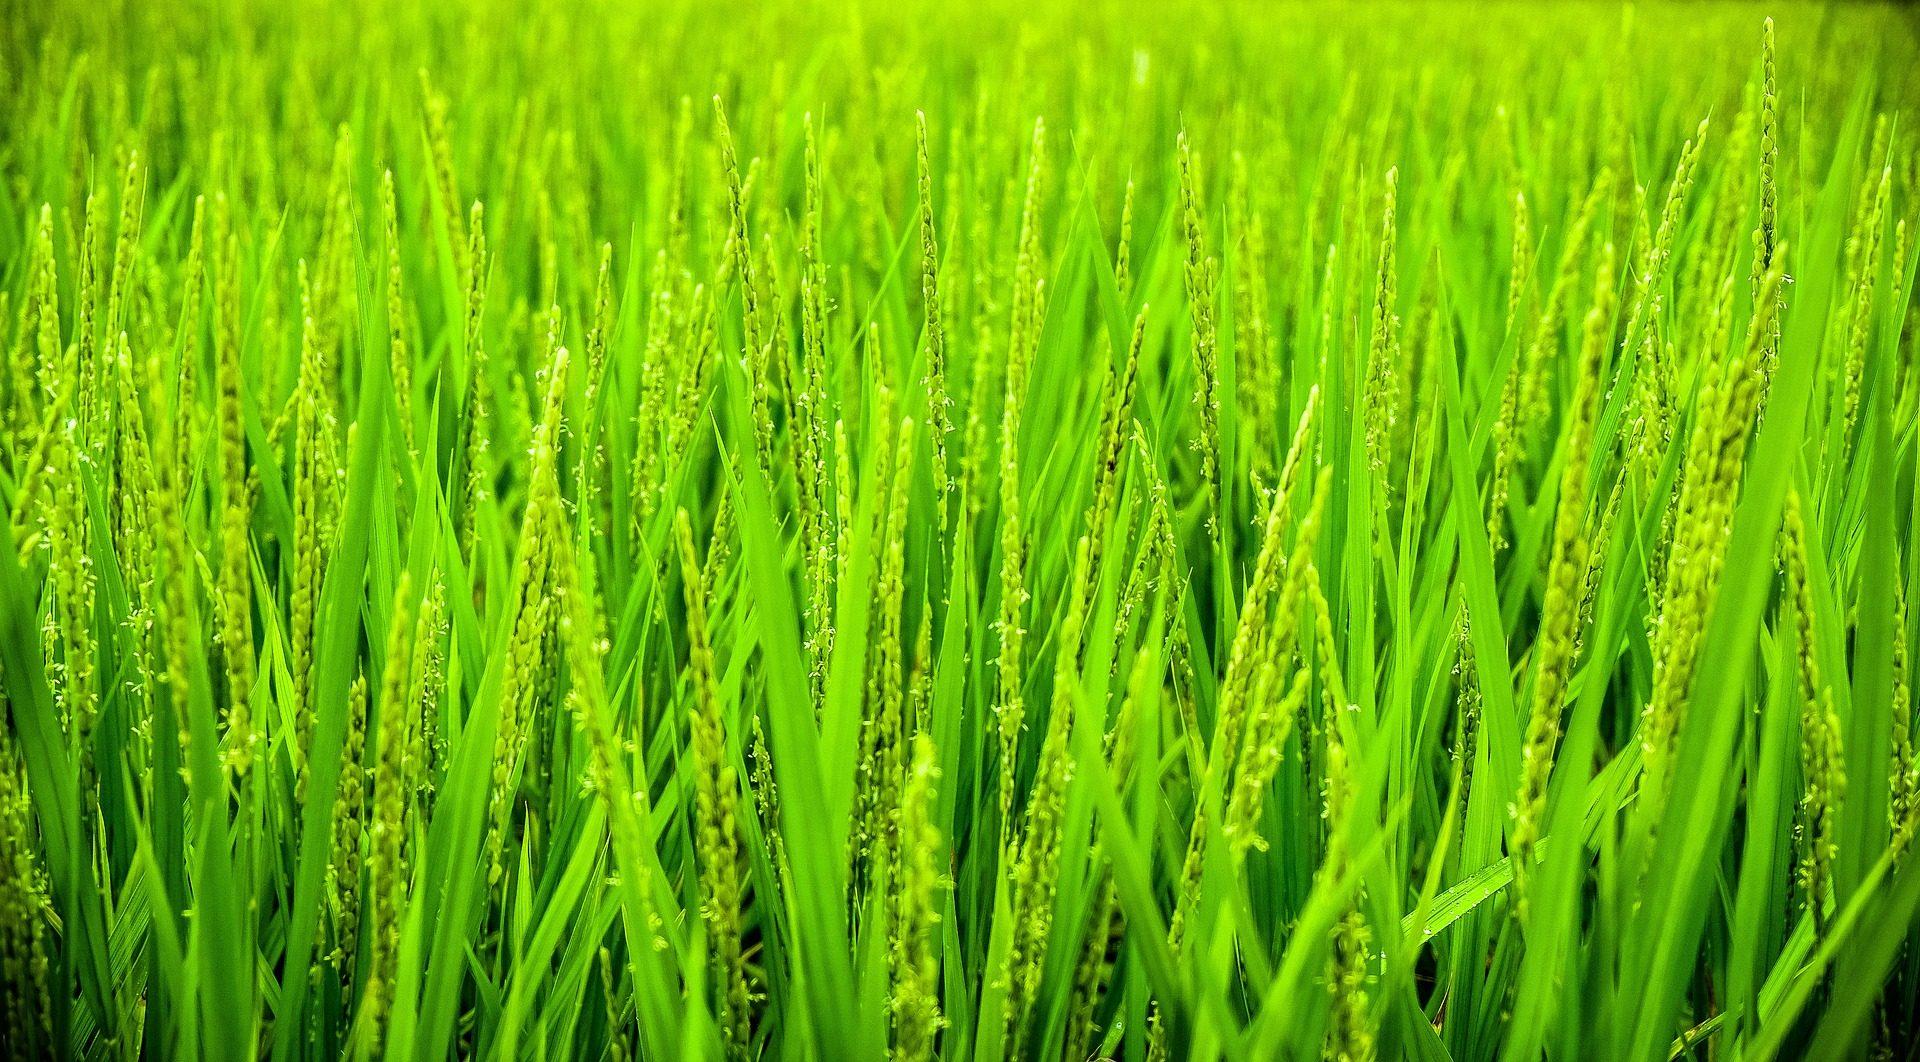 القمح, النباتات, الميدان, زراعة, الغطاء النباتي - خلفيات عالية الدقة - أستاذ falken.com